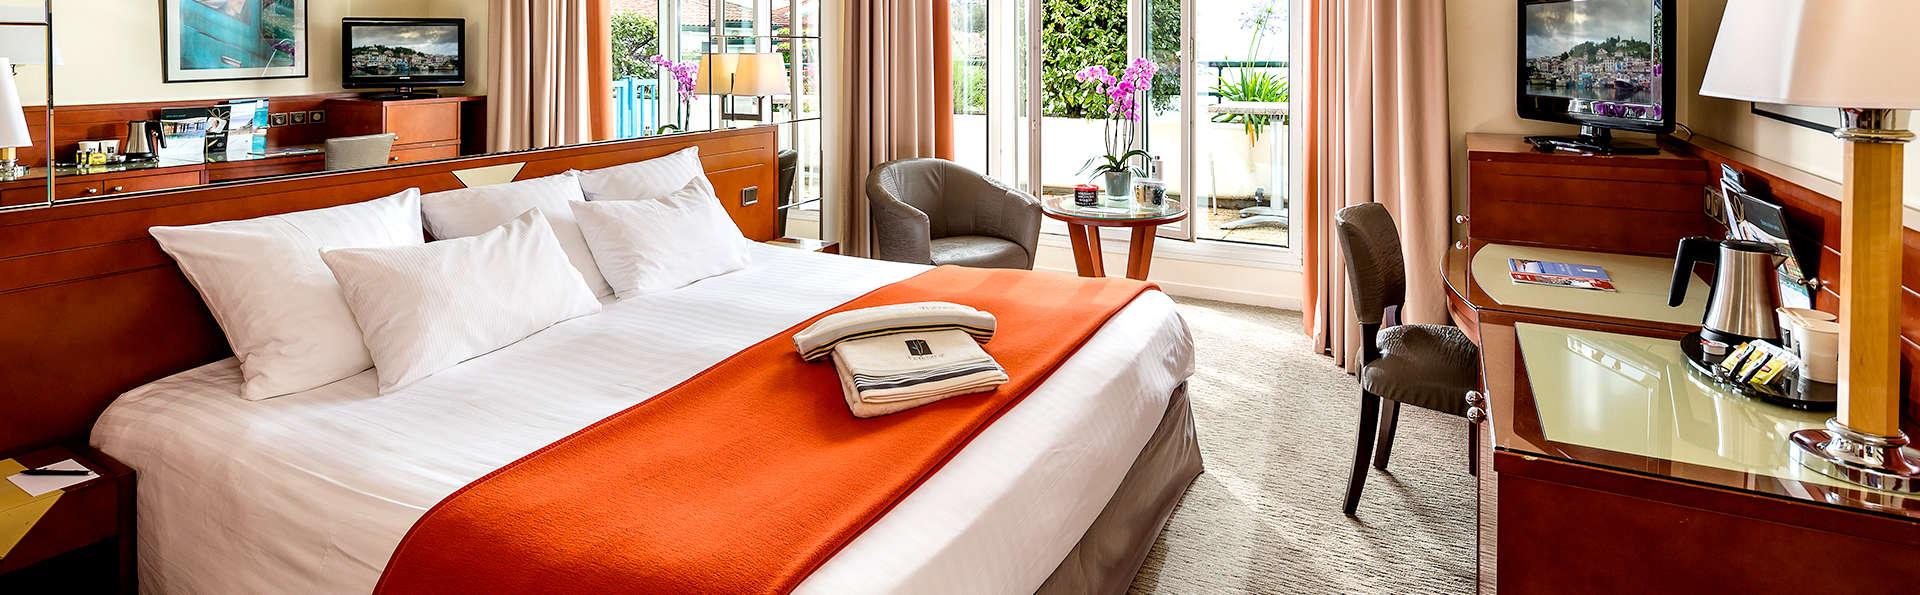 Hôtel Hélianthal Saint Jean de Luz & Spa by Thalazur - Edit_Room.jpg